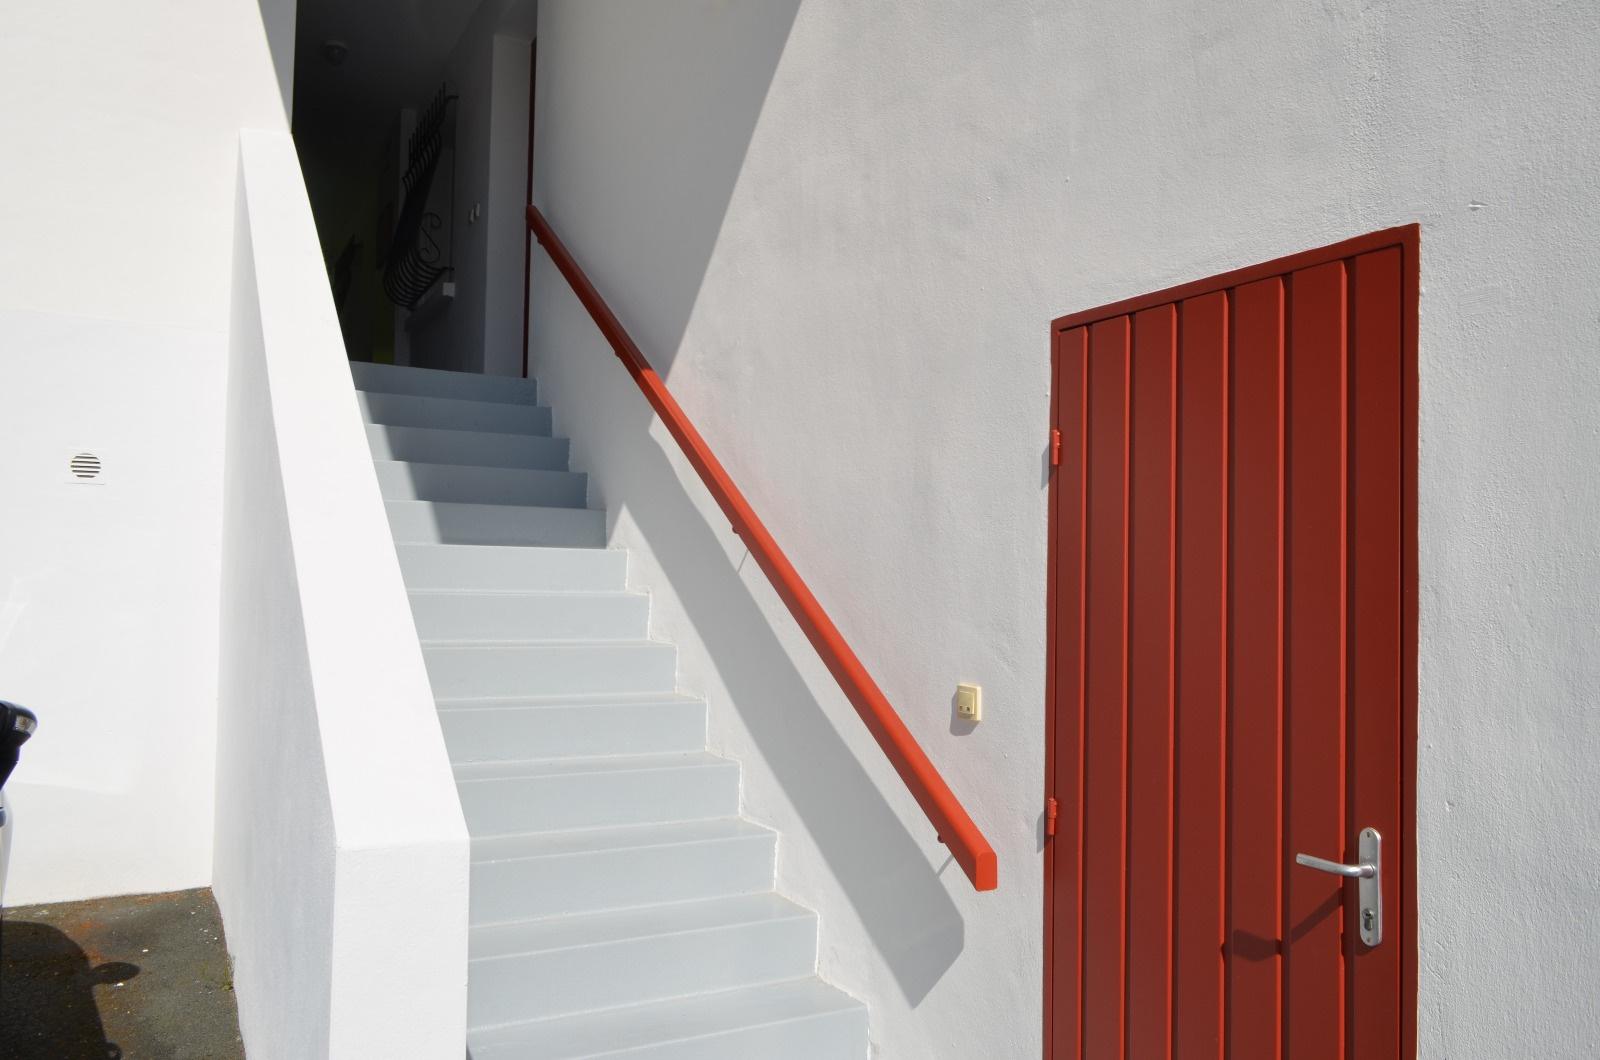 Escalier d'arrivée